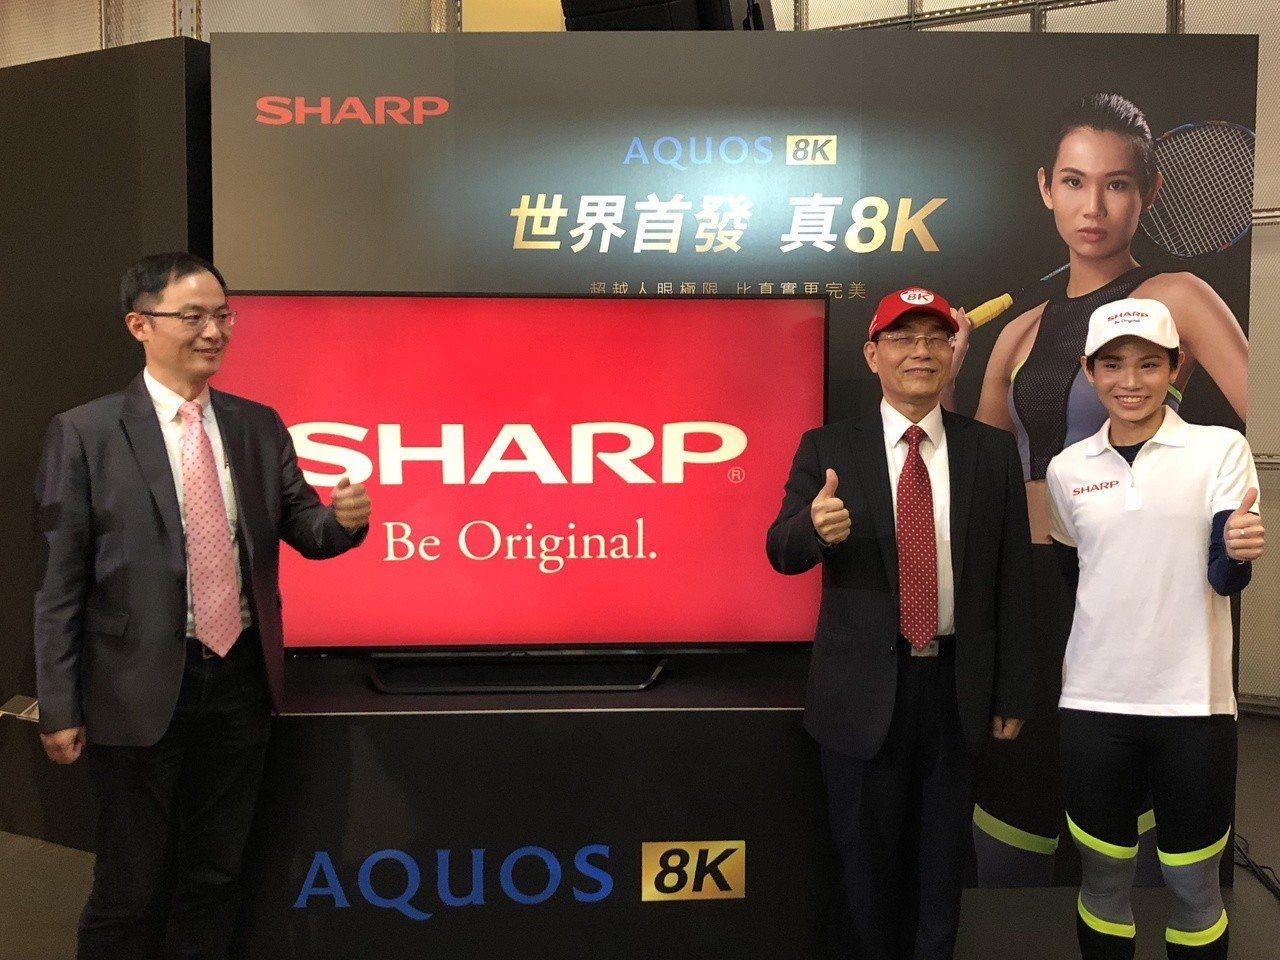 鴻海旗下夏普2017年的電視出貨量將突破1,400萬台,年增率超過100%,將是...